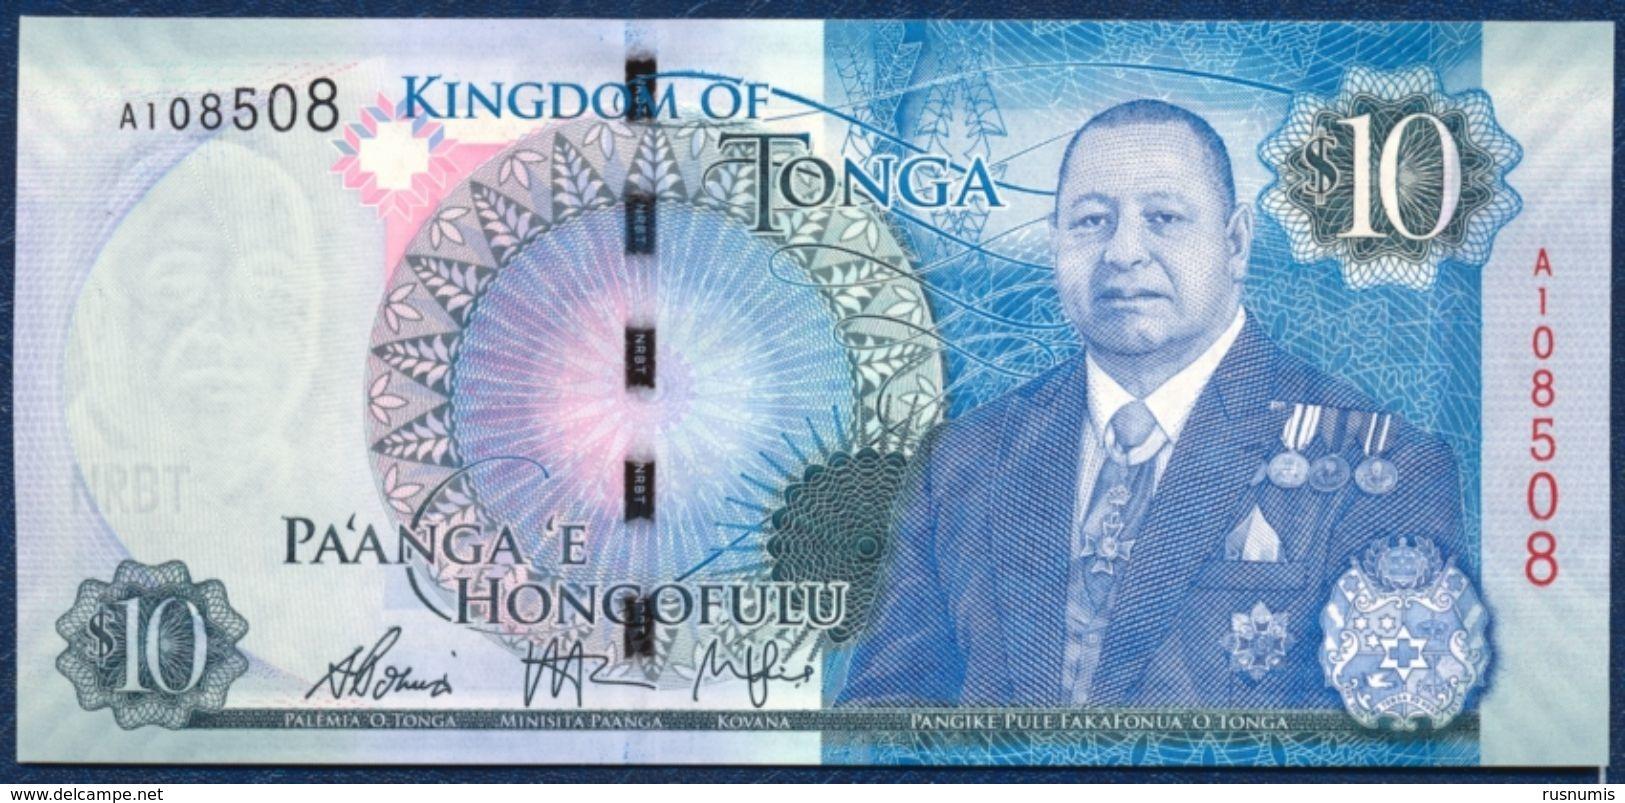 TONGA 10 PA'ANGA PAANGA P-46 2015 UNC - Tonga